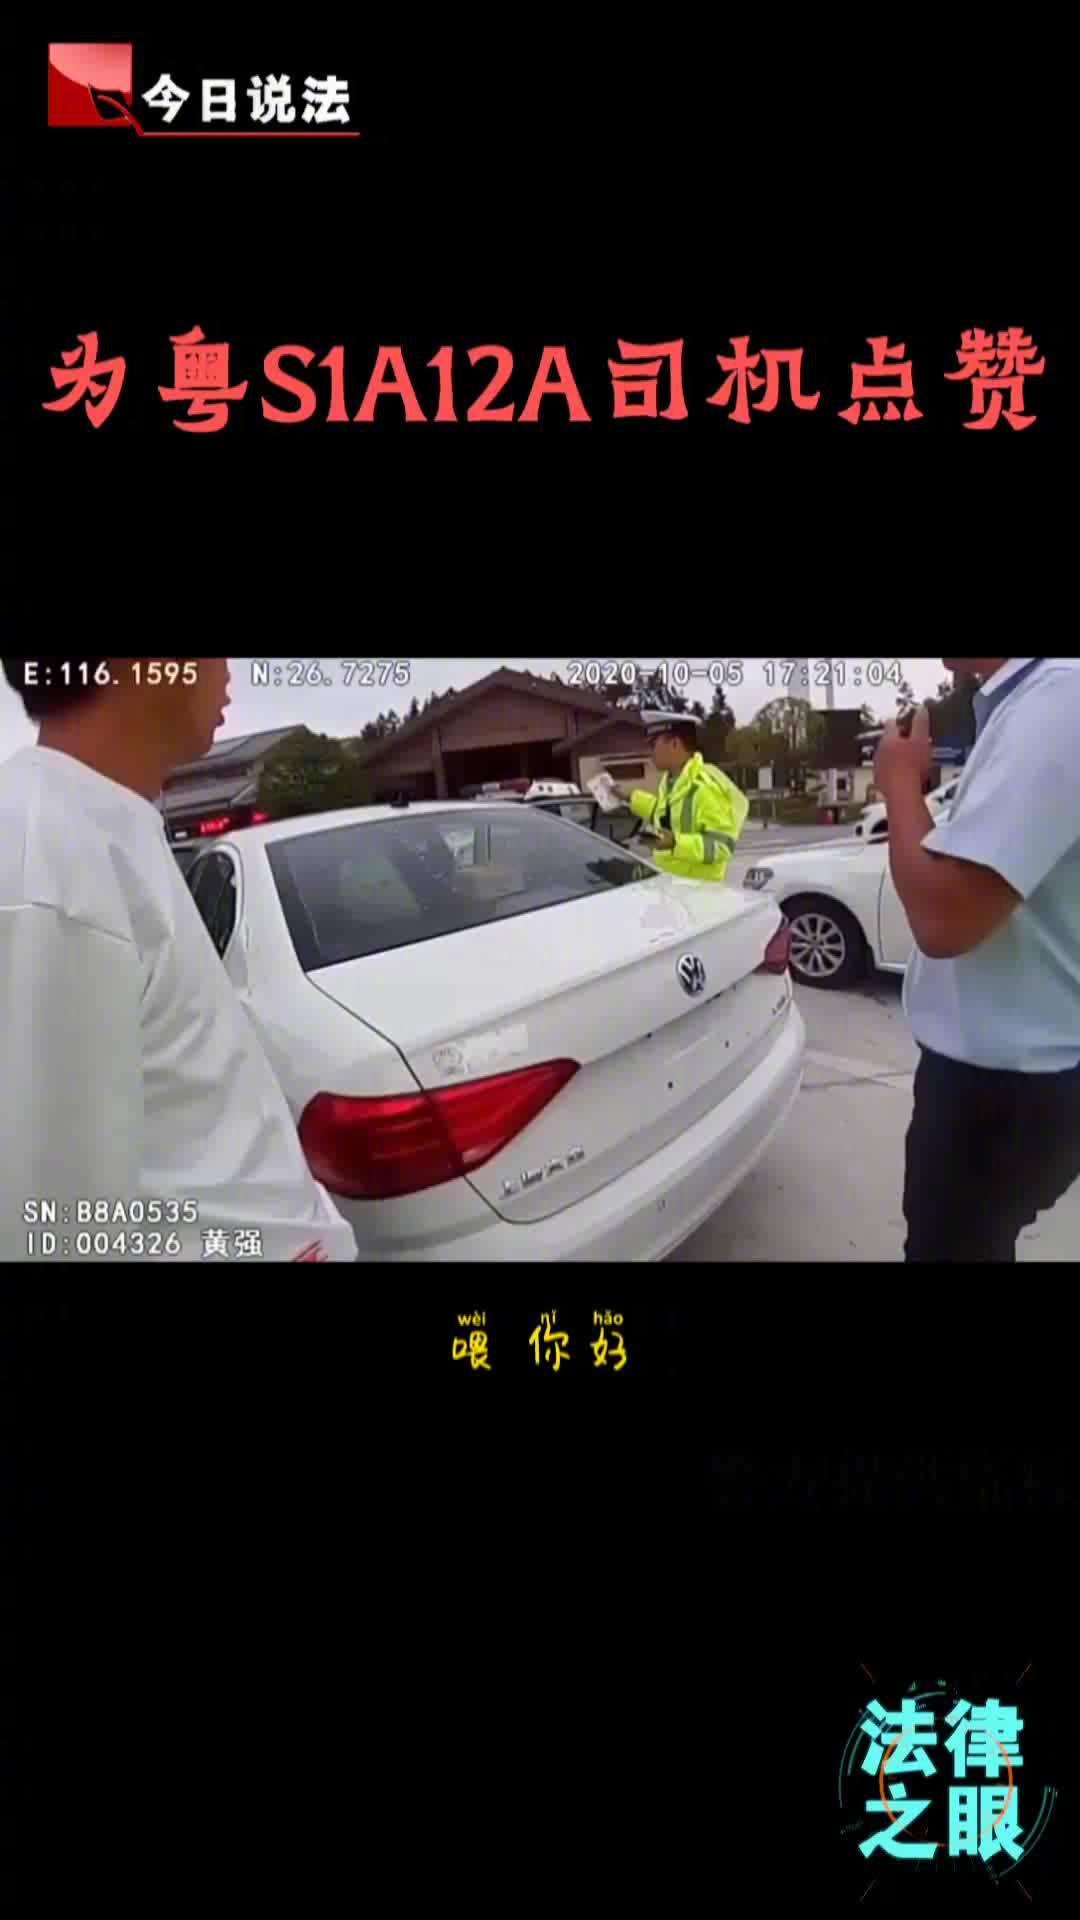 好心司机捡到他人证件交给交警:只有你们才能联系上失主!